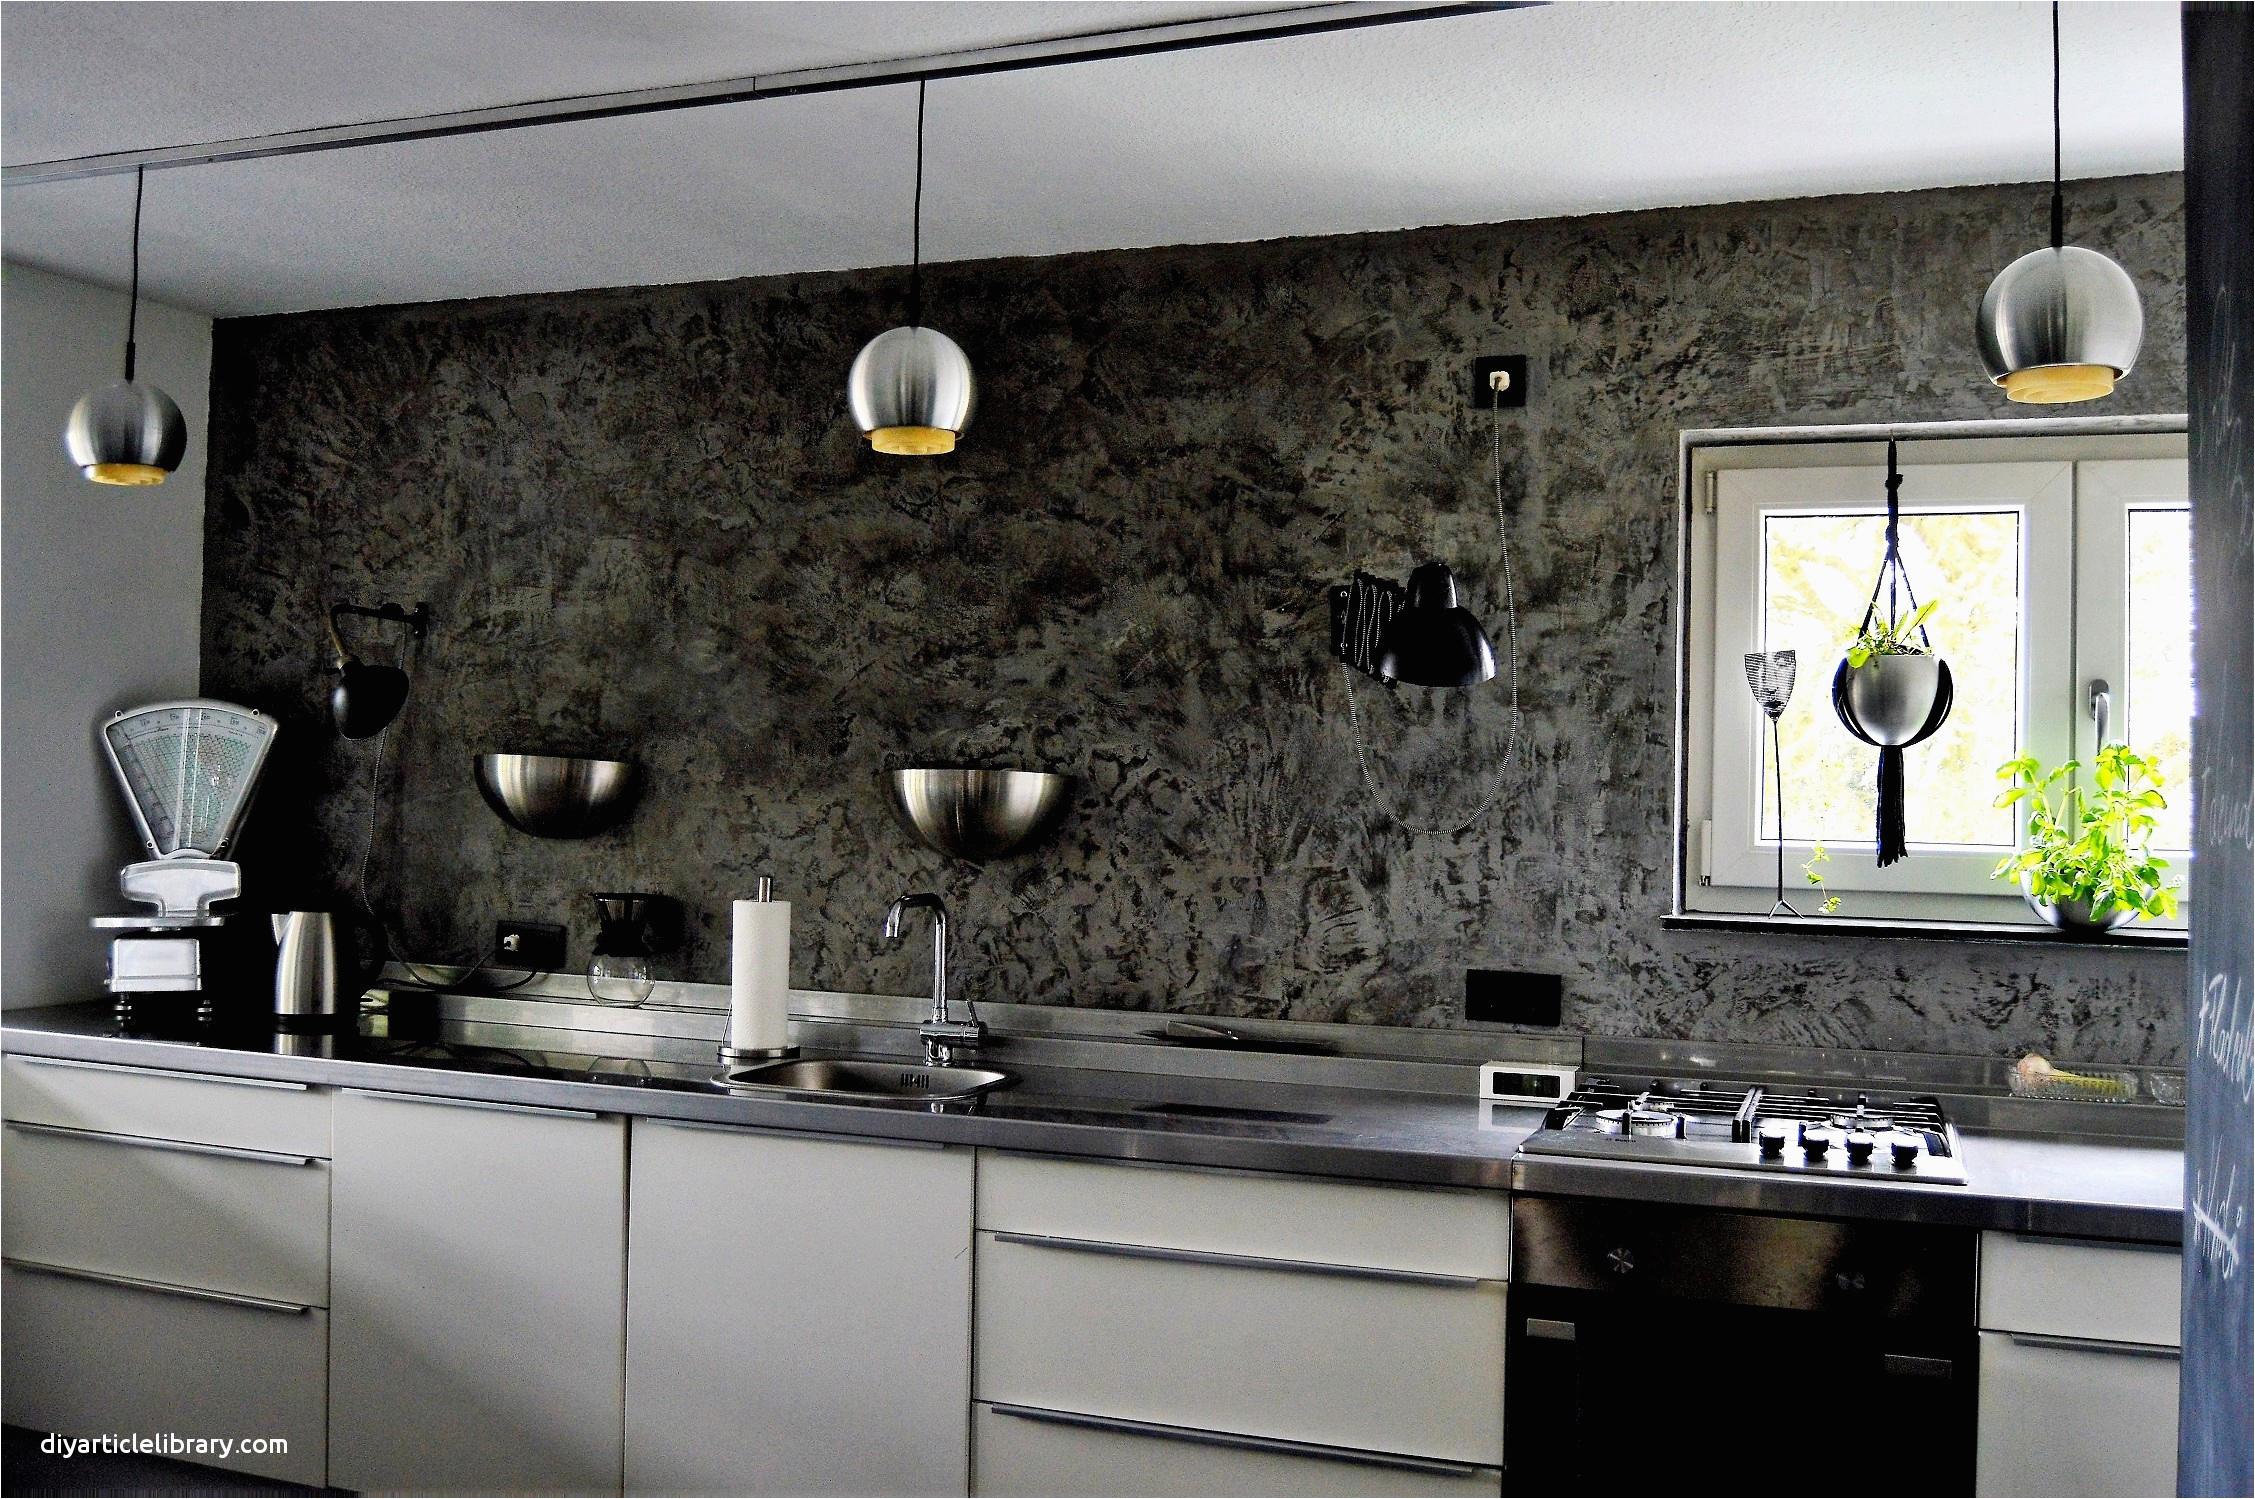 kuchen grau holz mit kuche grau holz produktfotos maragos4ny kuchen ideen 60 und kuche grau holz best 20 top lampen kuche esszimmer der wunderbar kuchen lampen k c3 bcche of kuche grau holz mit kuchen